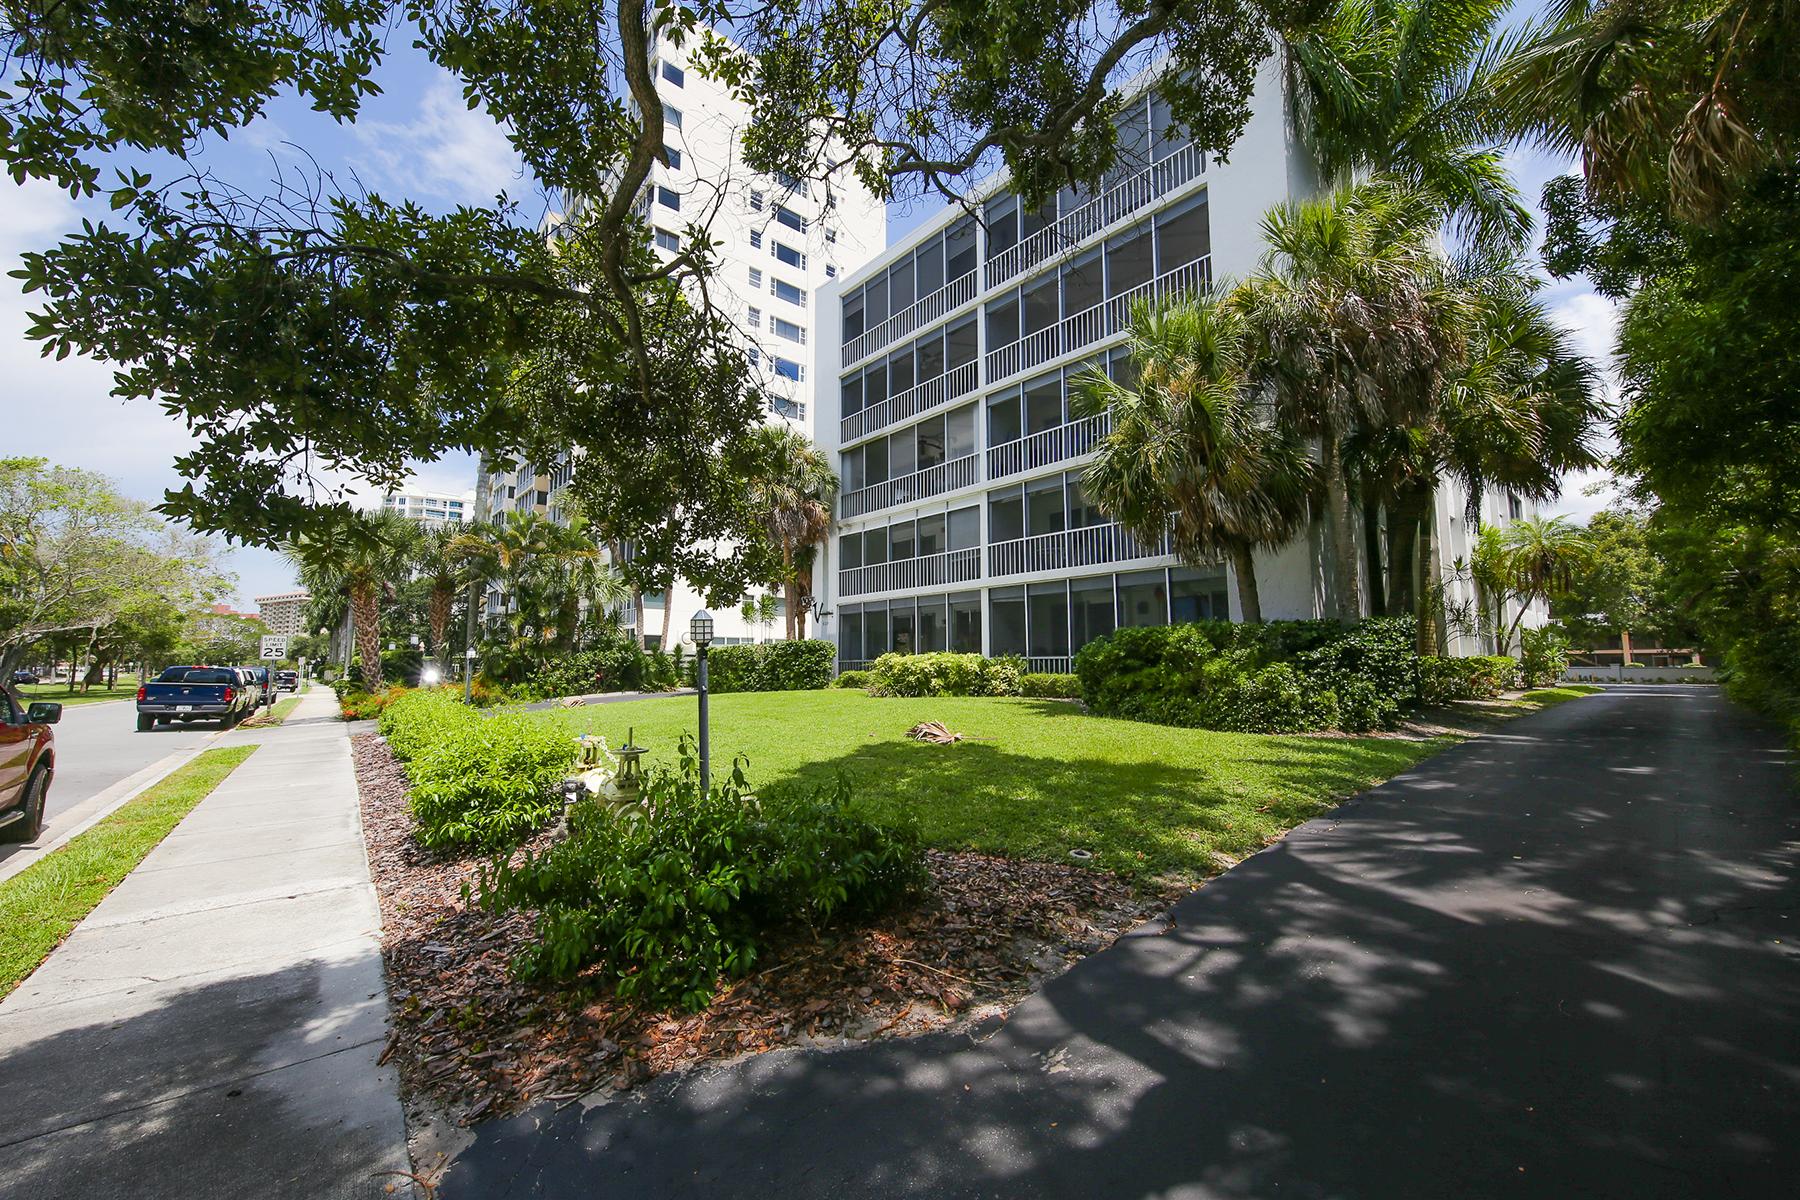 Eigentumswohnung für Verkauf beim VERSAILLES 605 S Gulfstream Ave 2C Sarasota, Florida 34236 Vereinigte Staaten